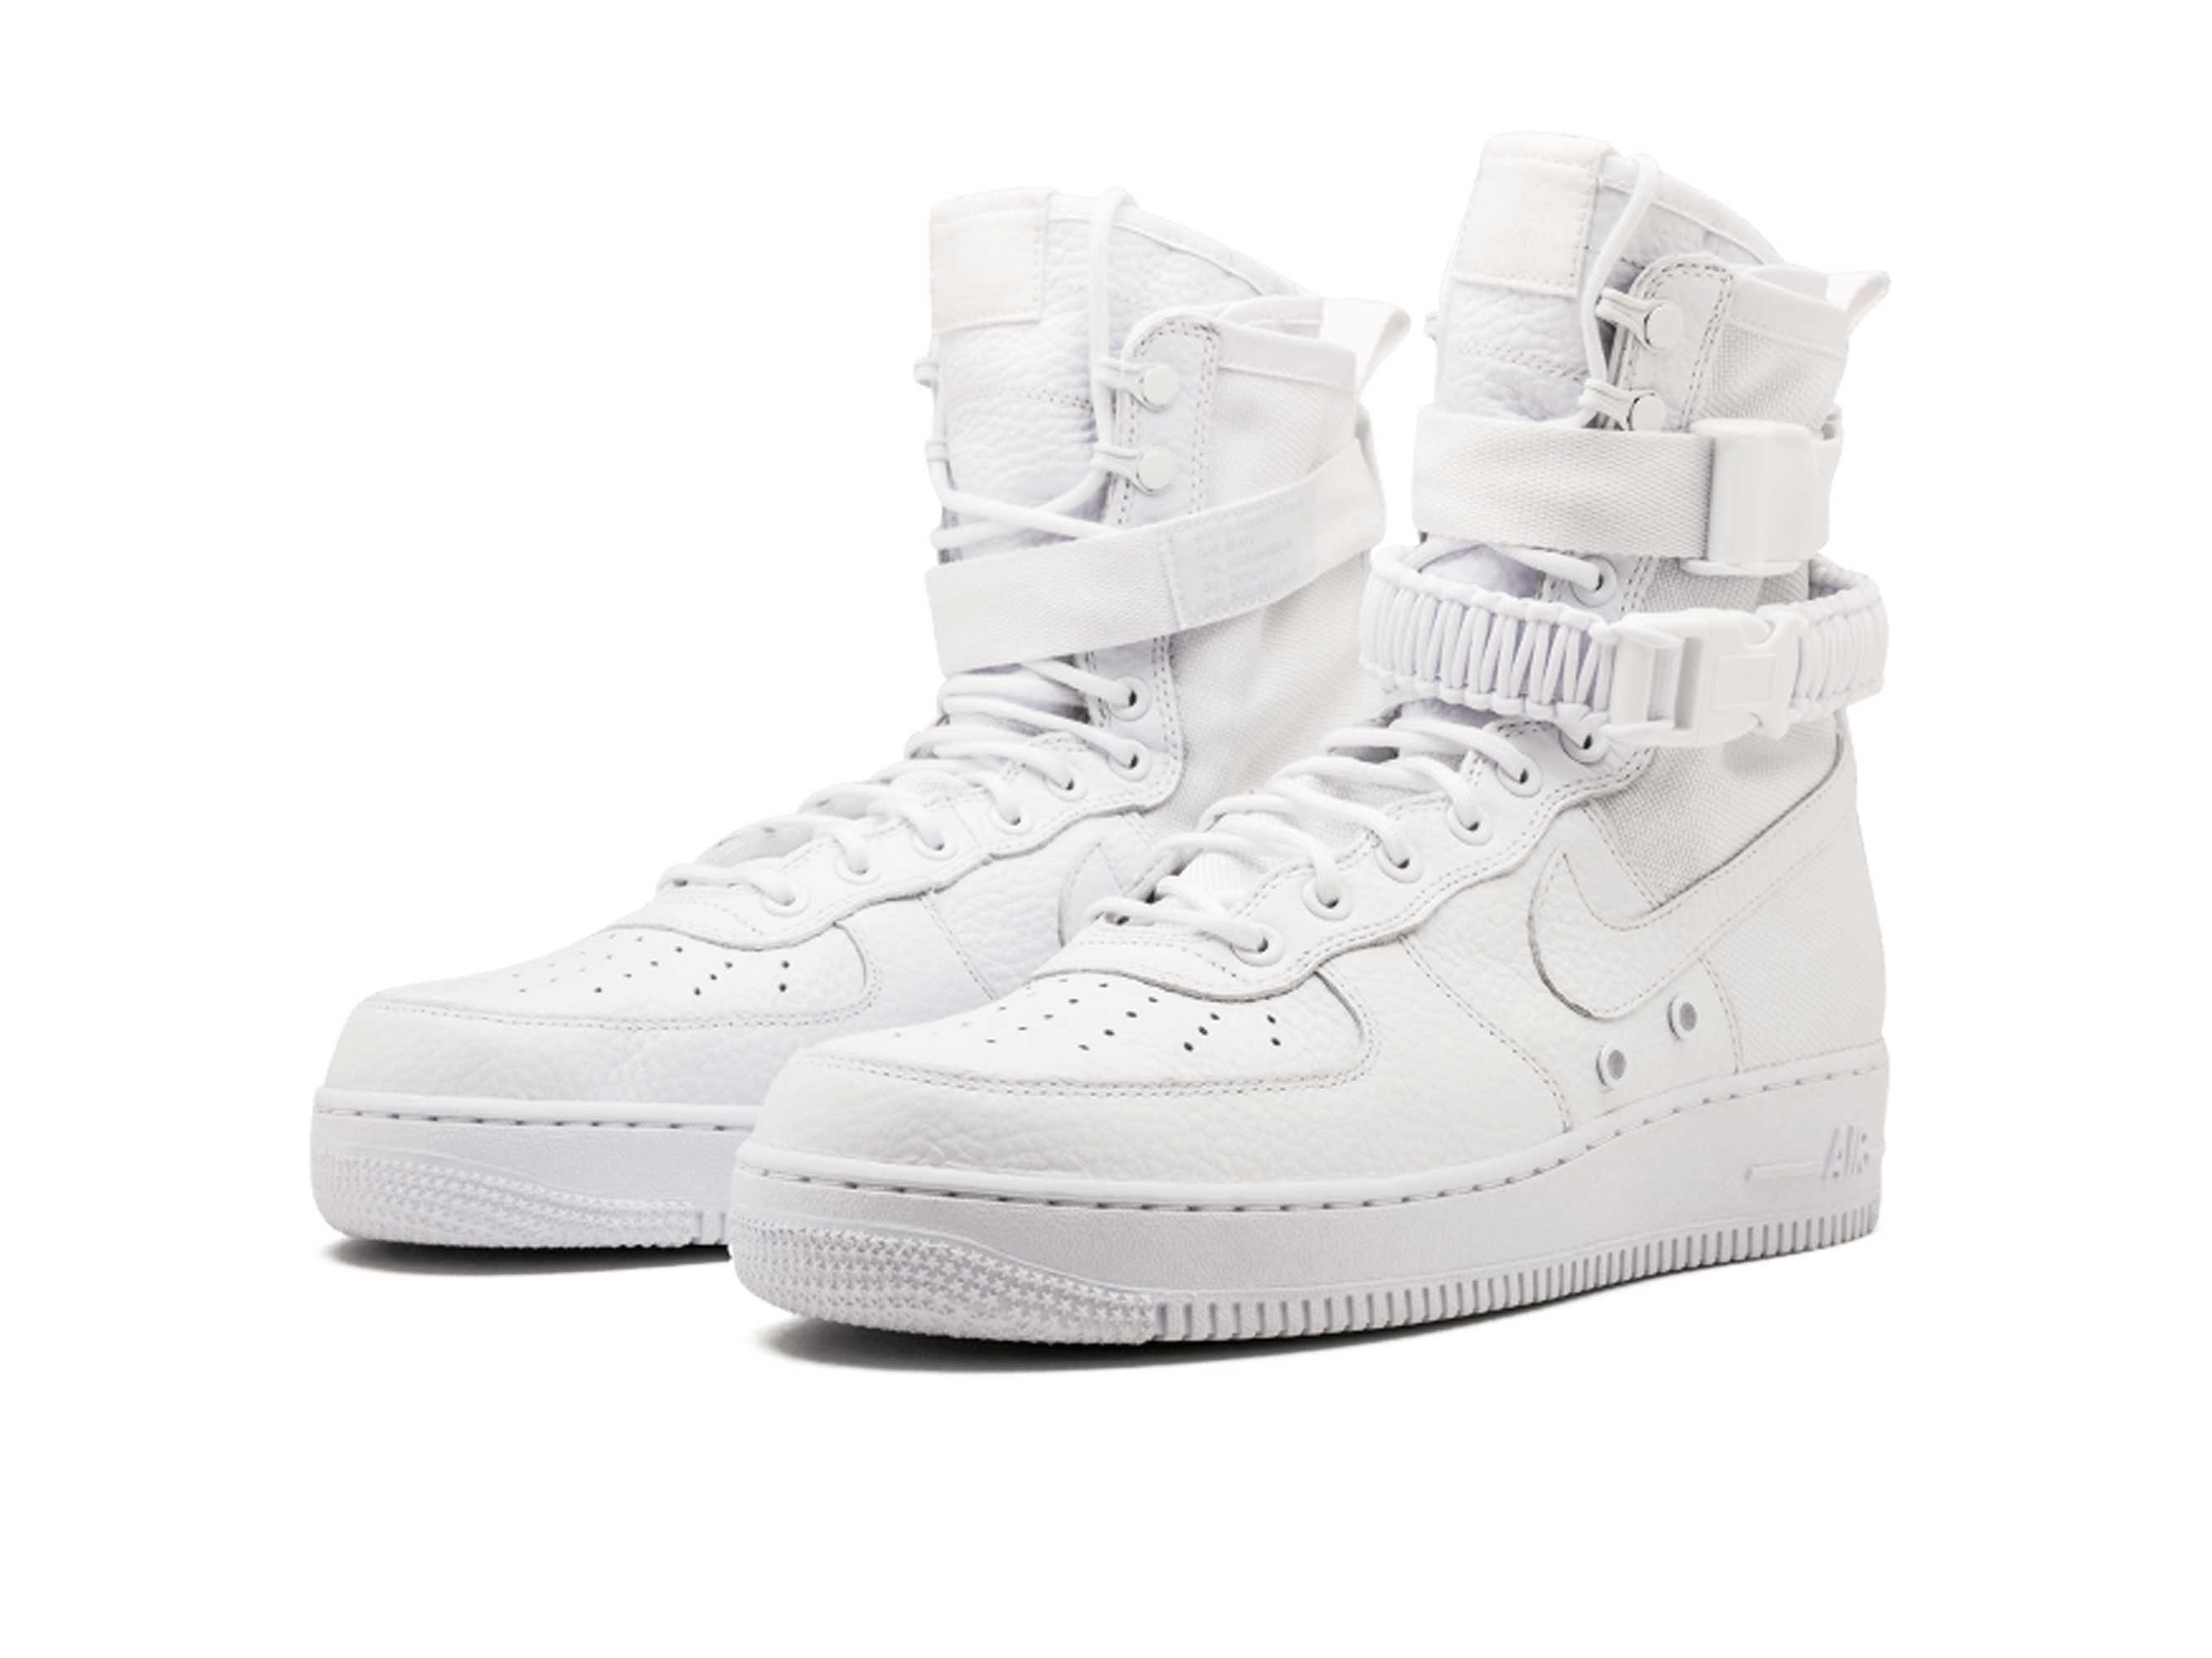 nike sf air force 1 all white 903270_100 купить